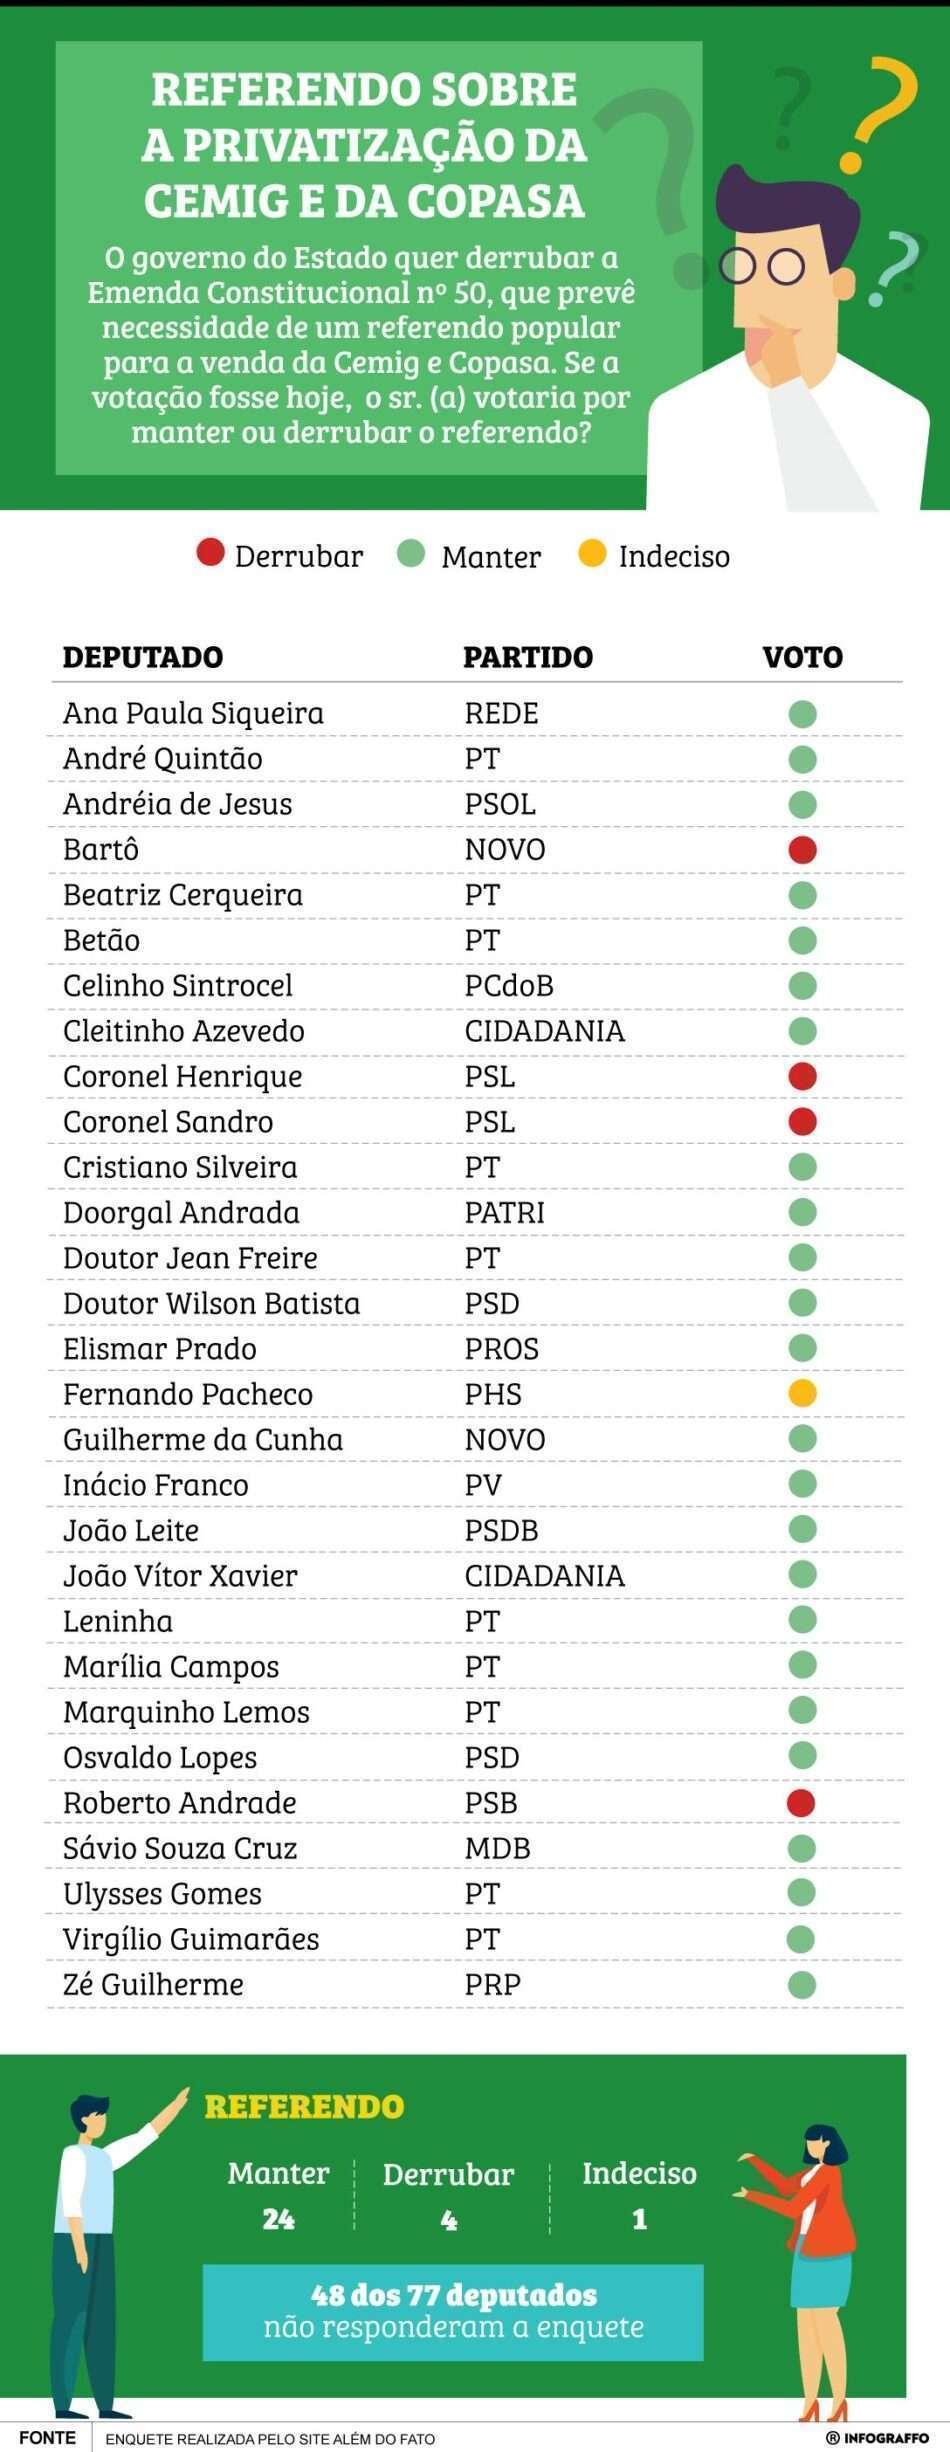 Enquete feita pelo site Além do Fato mostra que apenas 24 deputados apoiam, abertamente, manutenção do referendo popular para privatizar Cemig e Copasa.